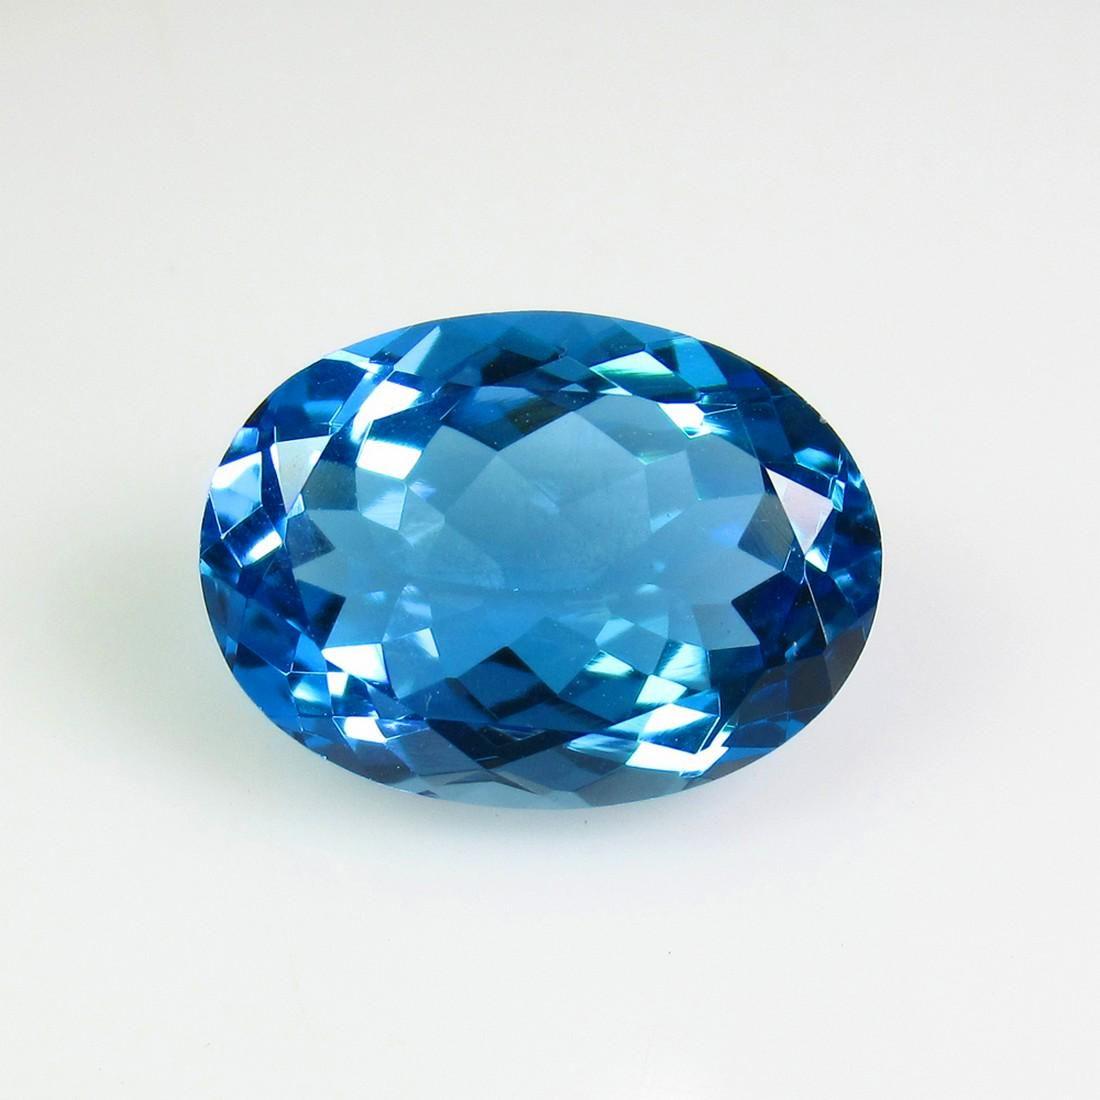 8.85 Ct Genuine Brazil Swiss Blue Topaz 15X11 mm Oval